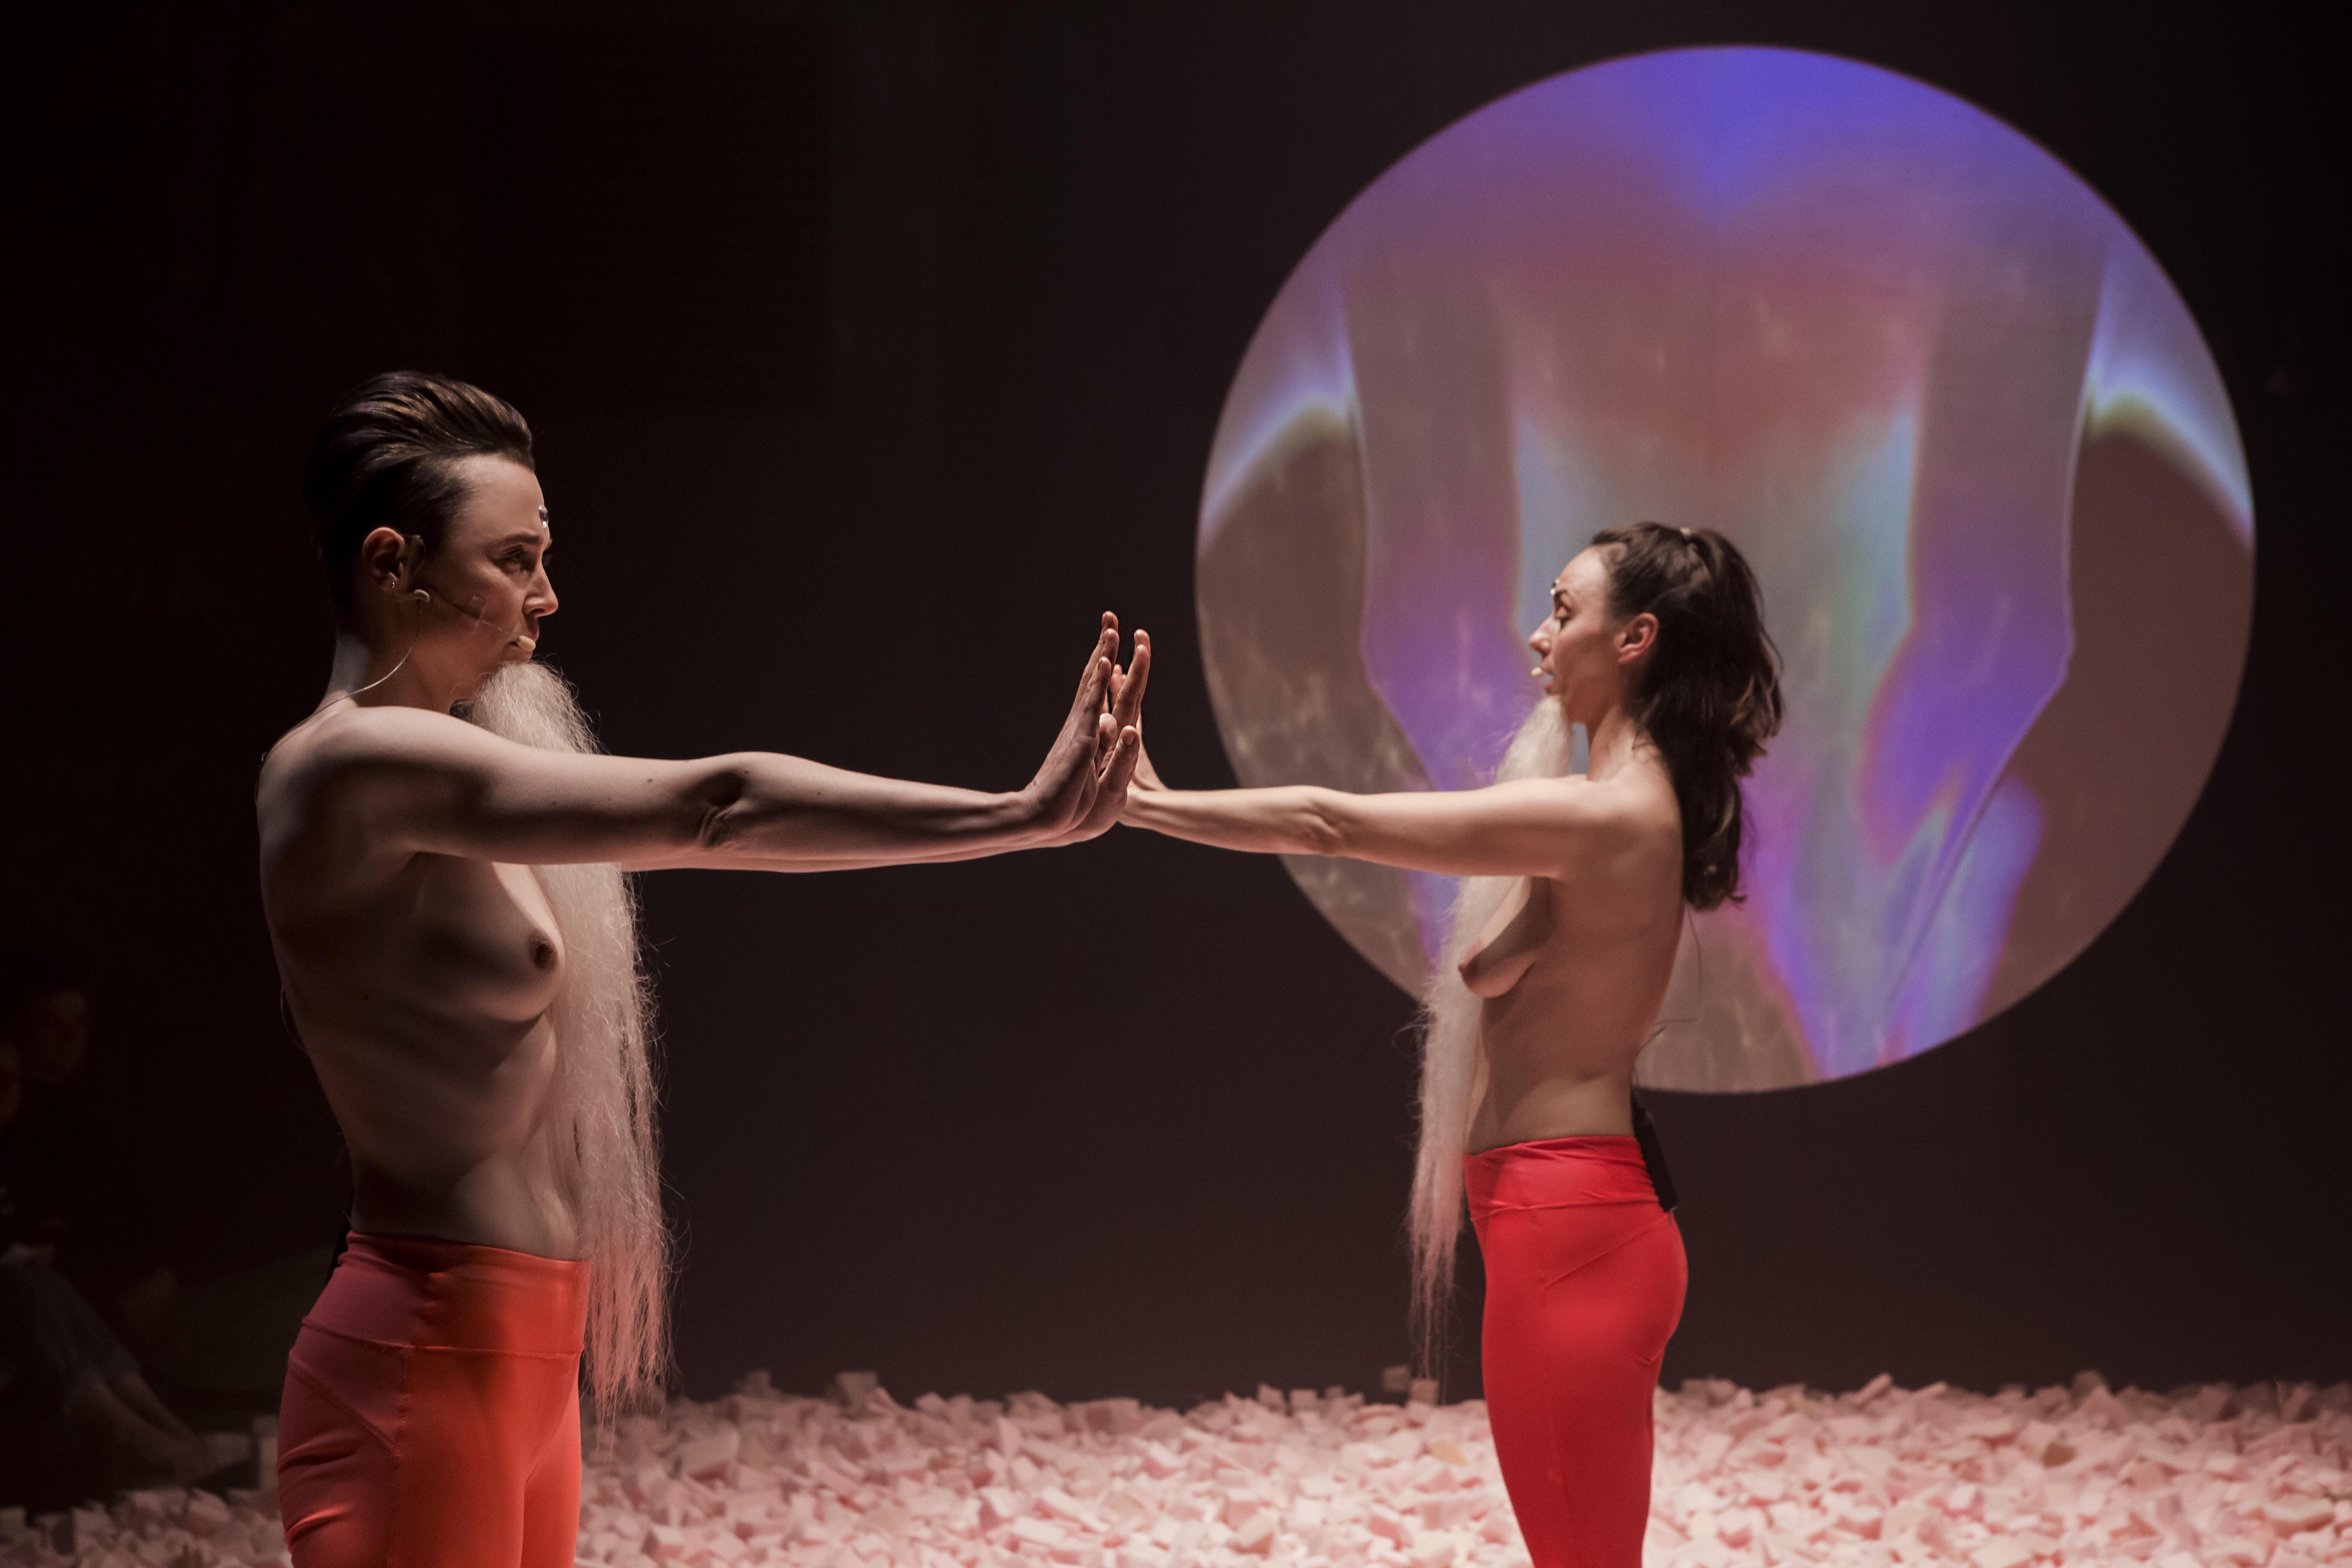 <i>Malina</i>, dir. Marta Malikowska and Anka Herbut,  premiere: 4 November 2018, The Zbigniew Raszewski Theatre Institute, photo: Karolina Gorzelańczyk.